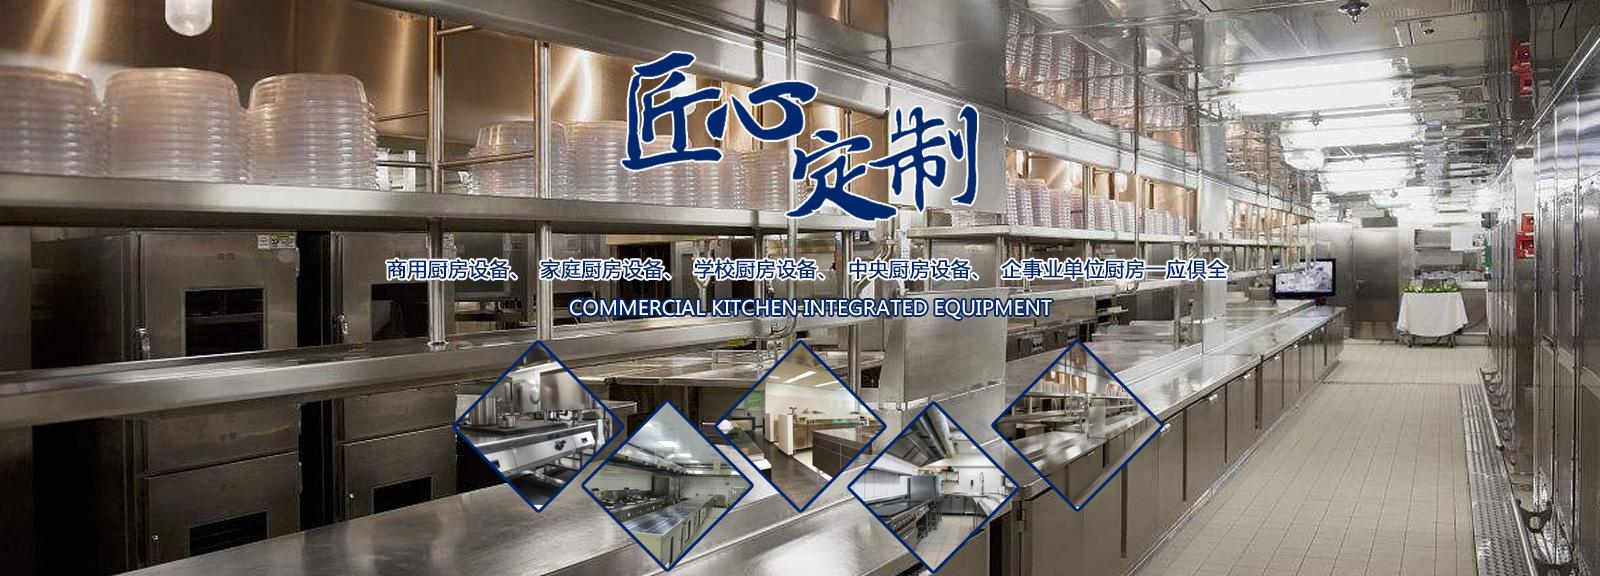 昆明商用不锈钢厨房设备